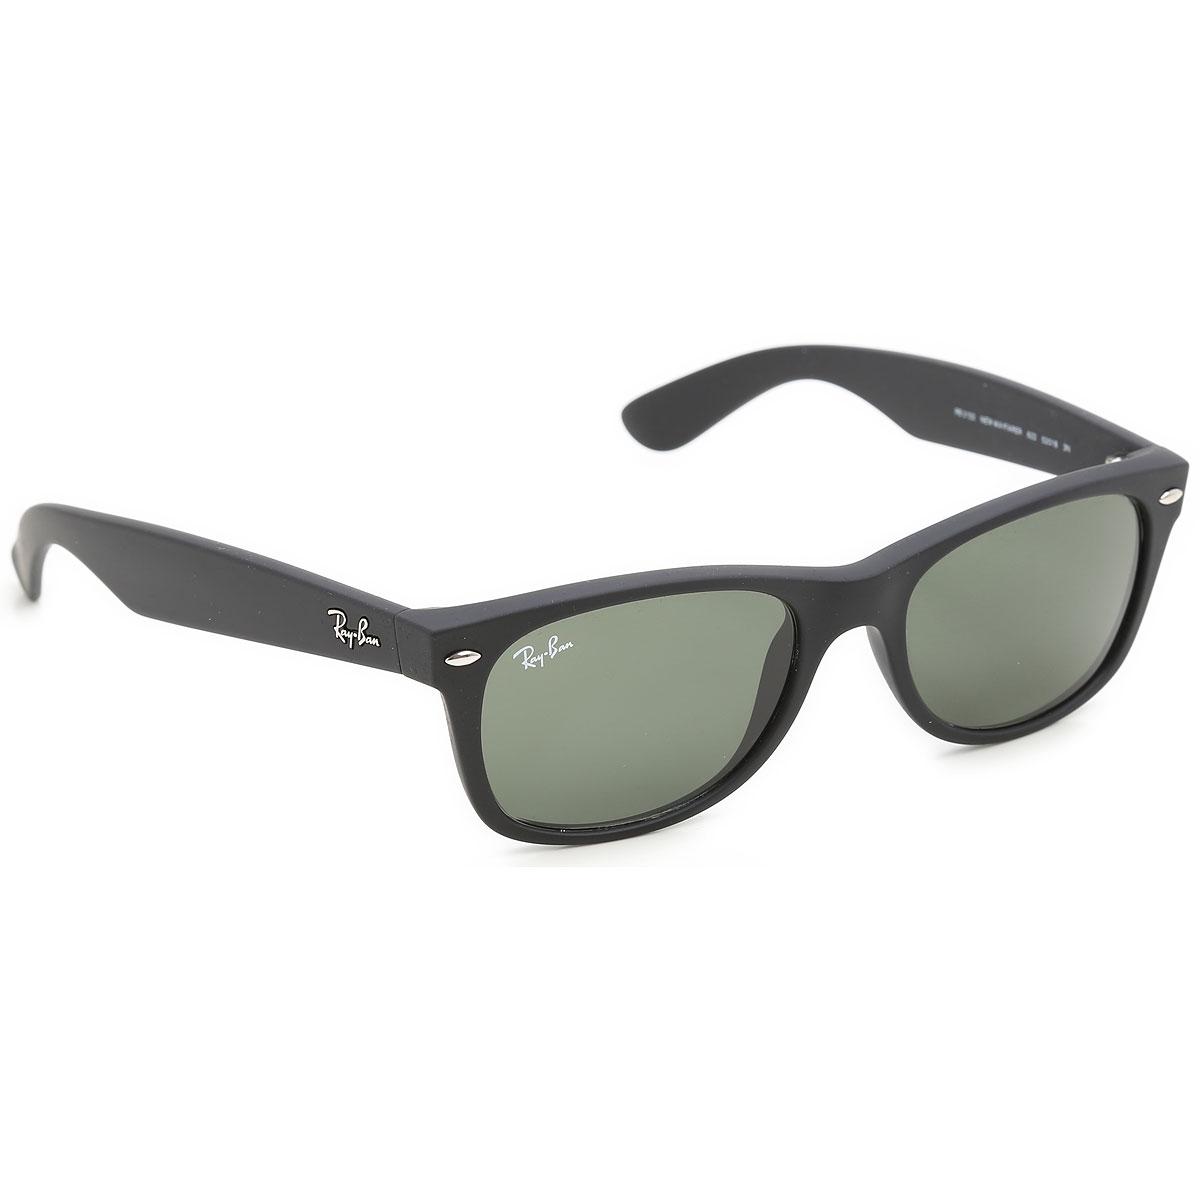 Ray Ban Sunglasses On Sale, 2017 USA-359881